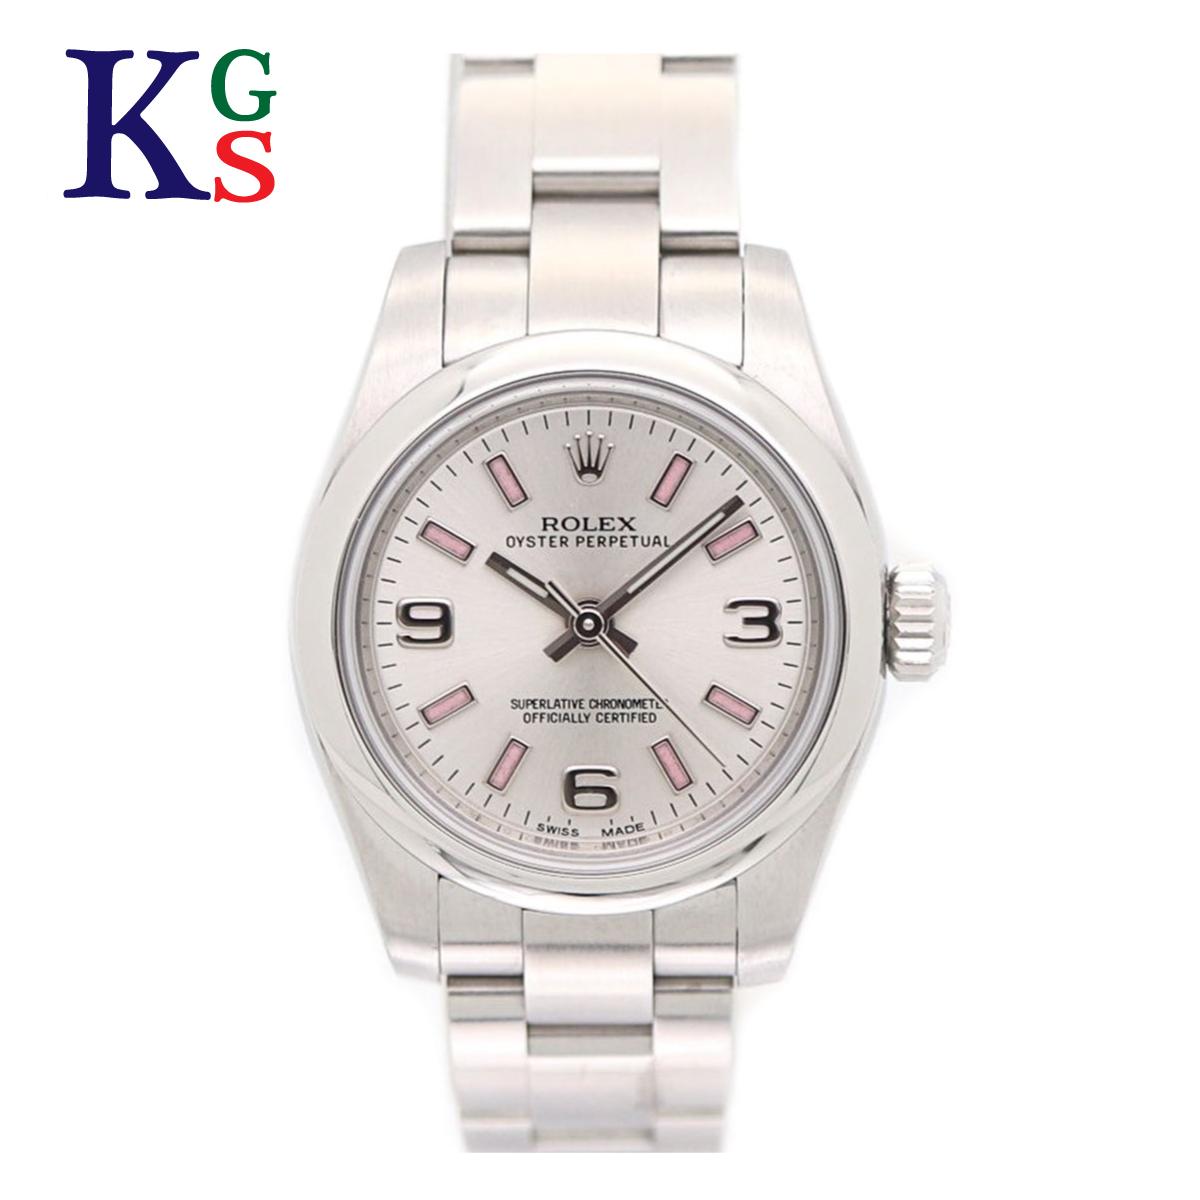 【ギフト品質】ロレックス/ROLEX レディース 腕時計 オイスターパーペチュアル シルバー文字盤 ピンクバー ルーレット刻印 176200 自動巻き